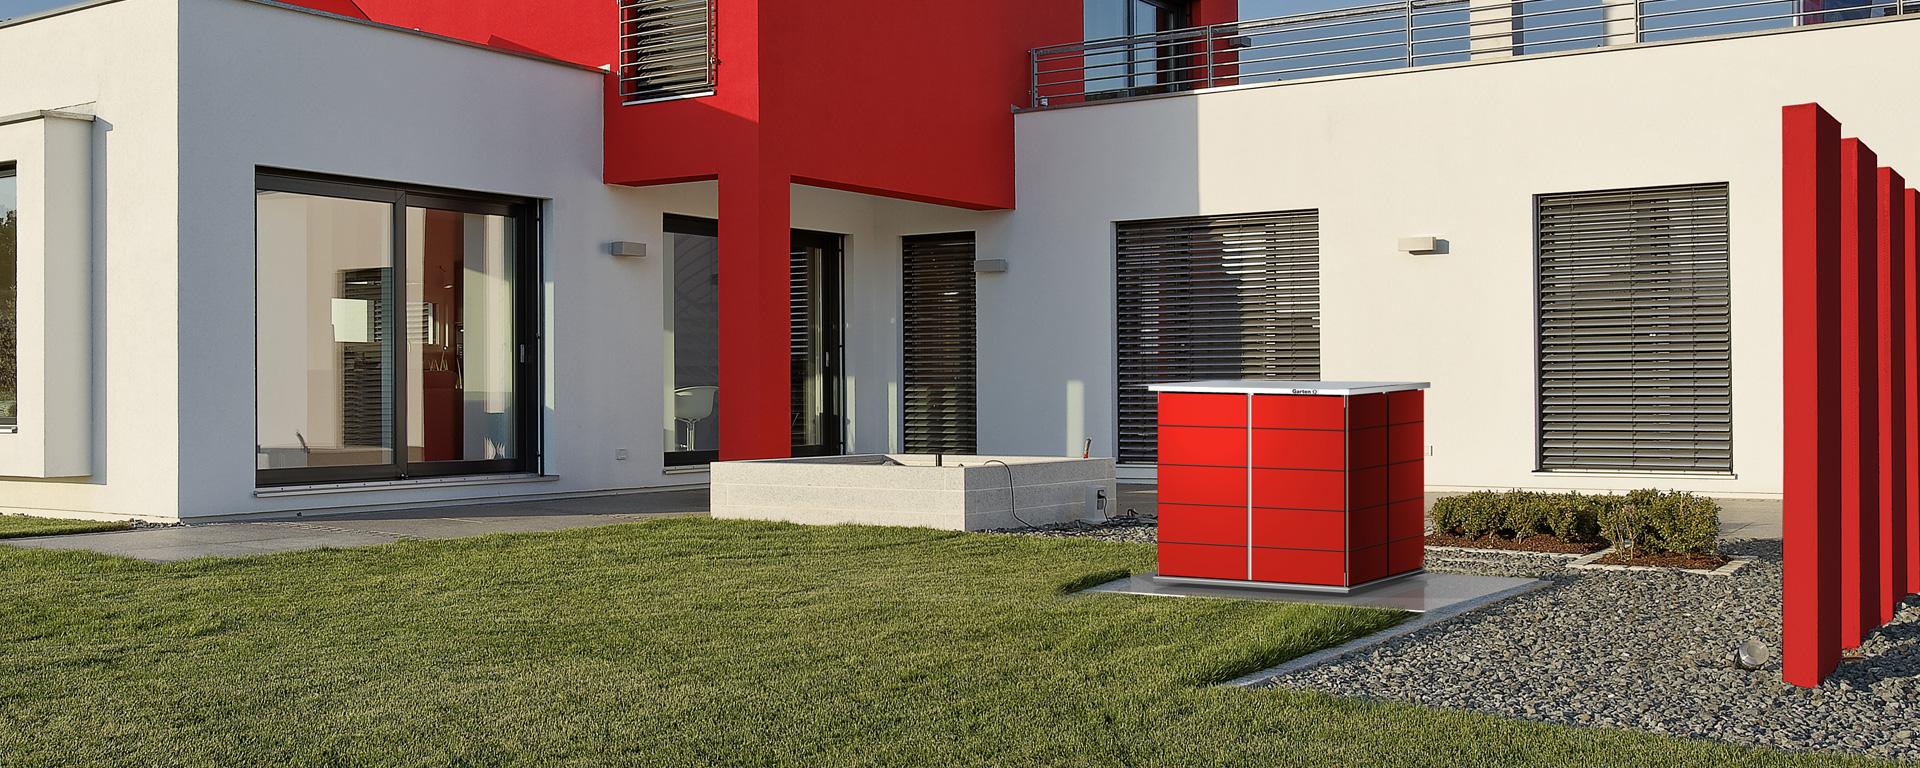 gartenhaus klein cube garten q gmbh. Black Bedroom Furniture Sets. Home Design Ideas